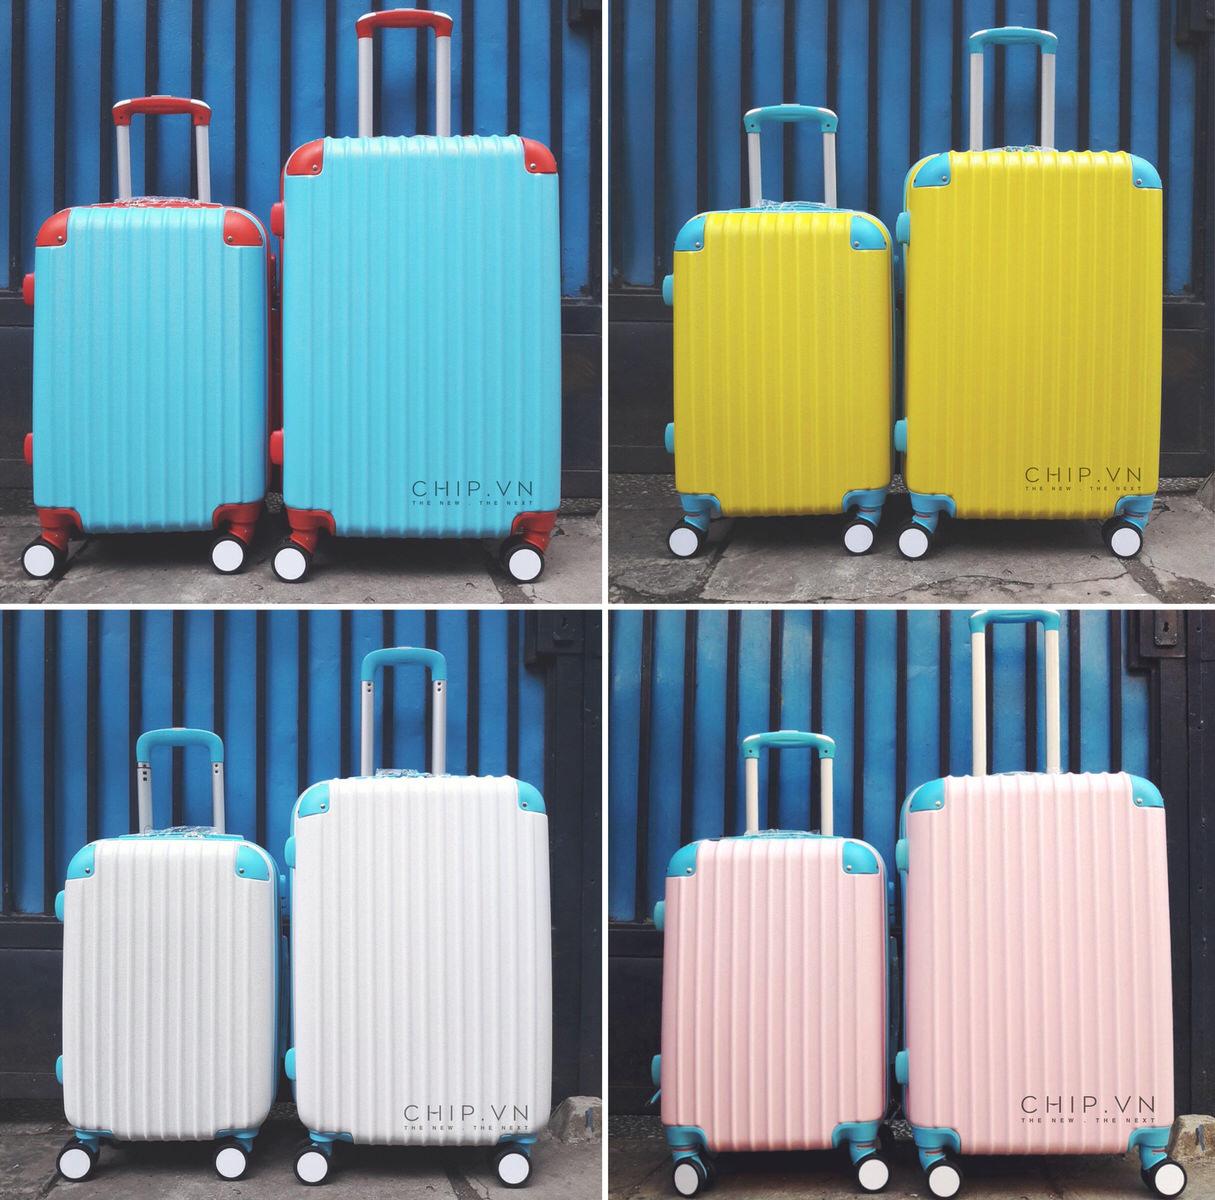 Vali du lịch với màu sắc trẻ trung hiện đại